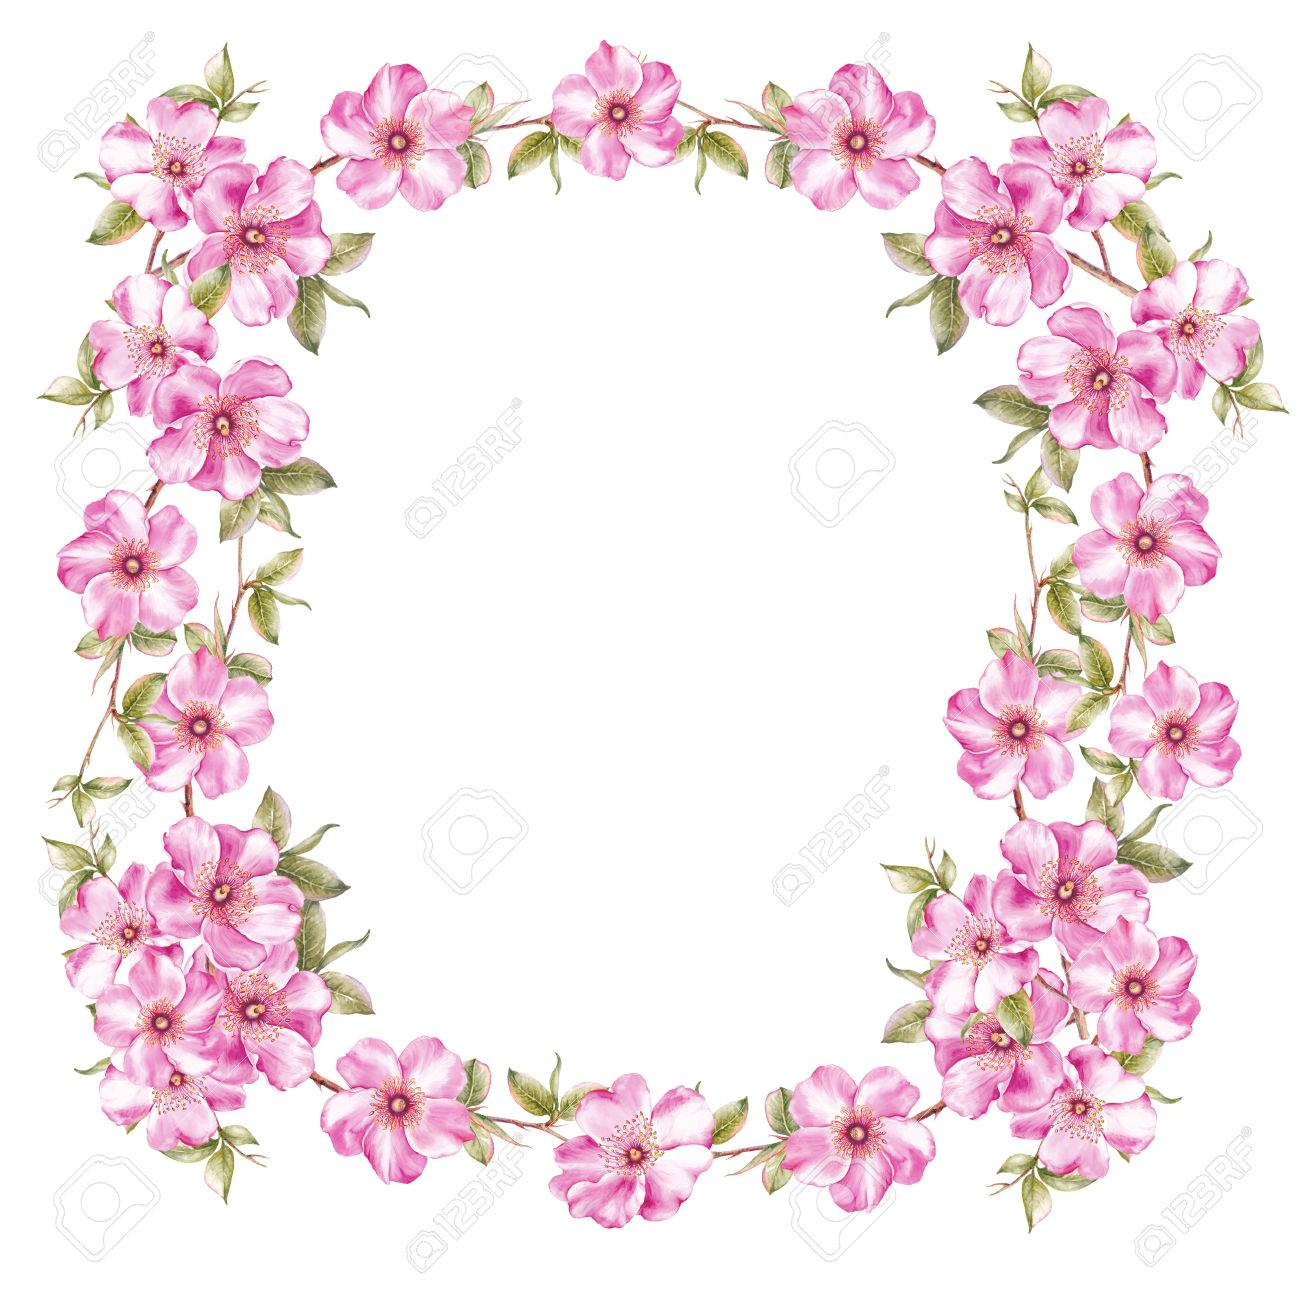 Marco De Flores De Sakura Rosa Plantilla De Tarjeta De Invitación Para Bodas Cumpleaños U Otras Fiestas Ilustración Botánica De Acuarela